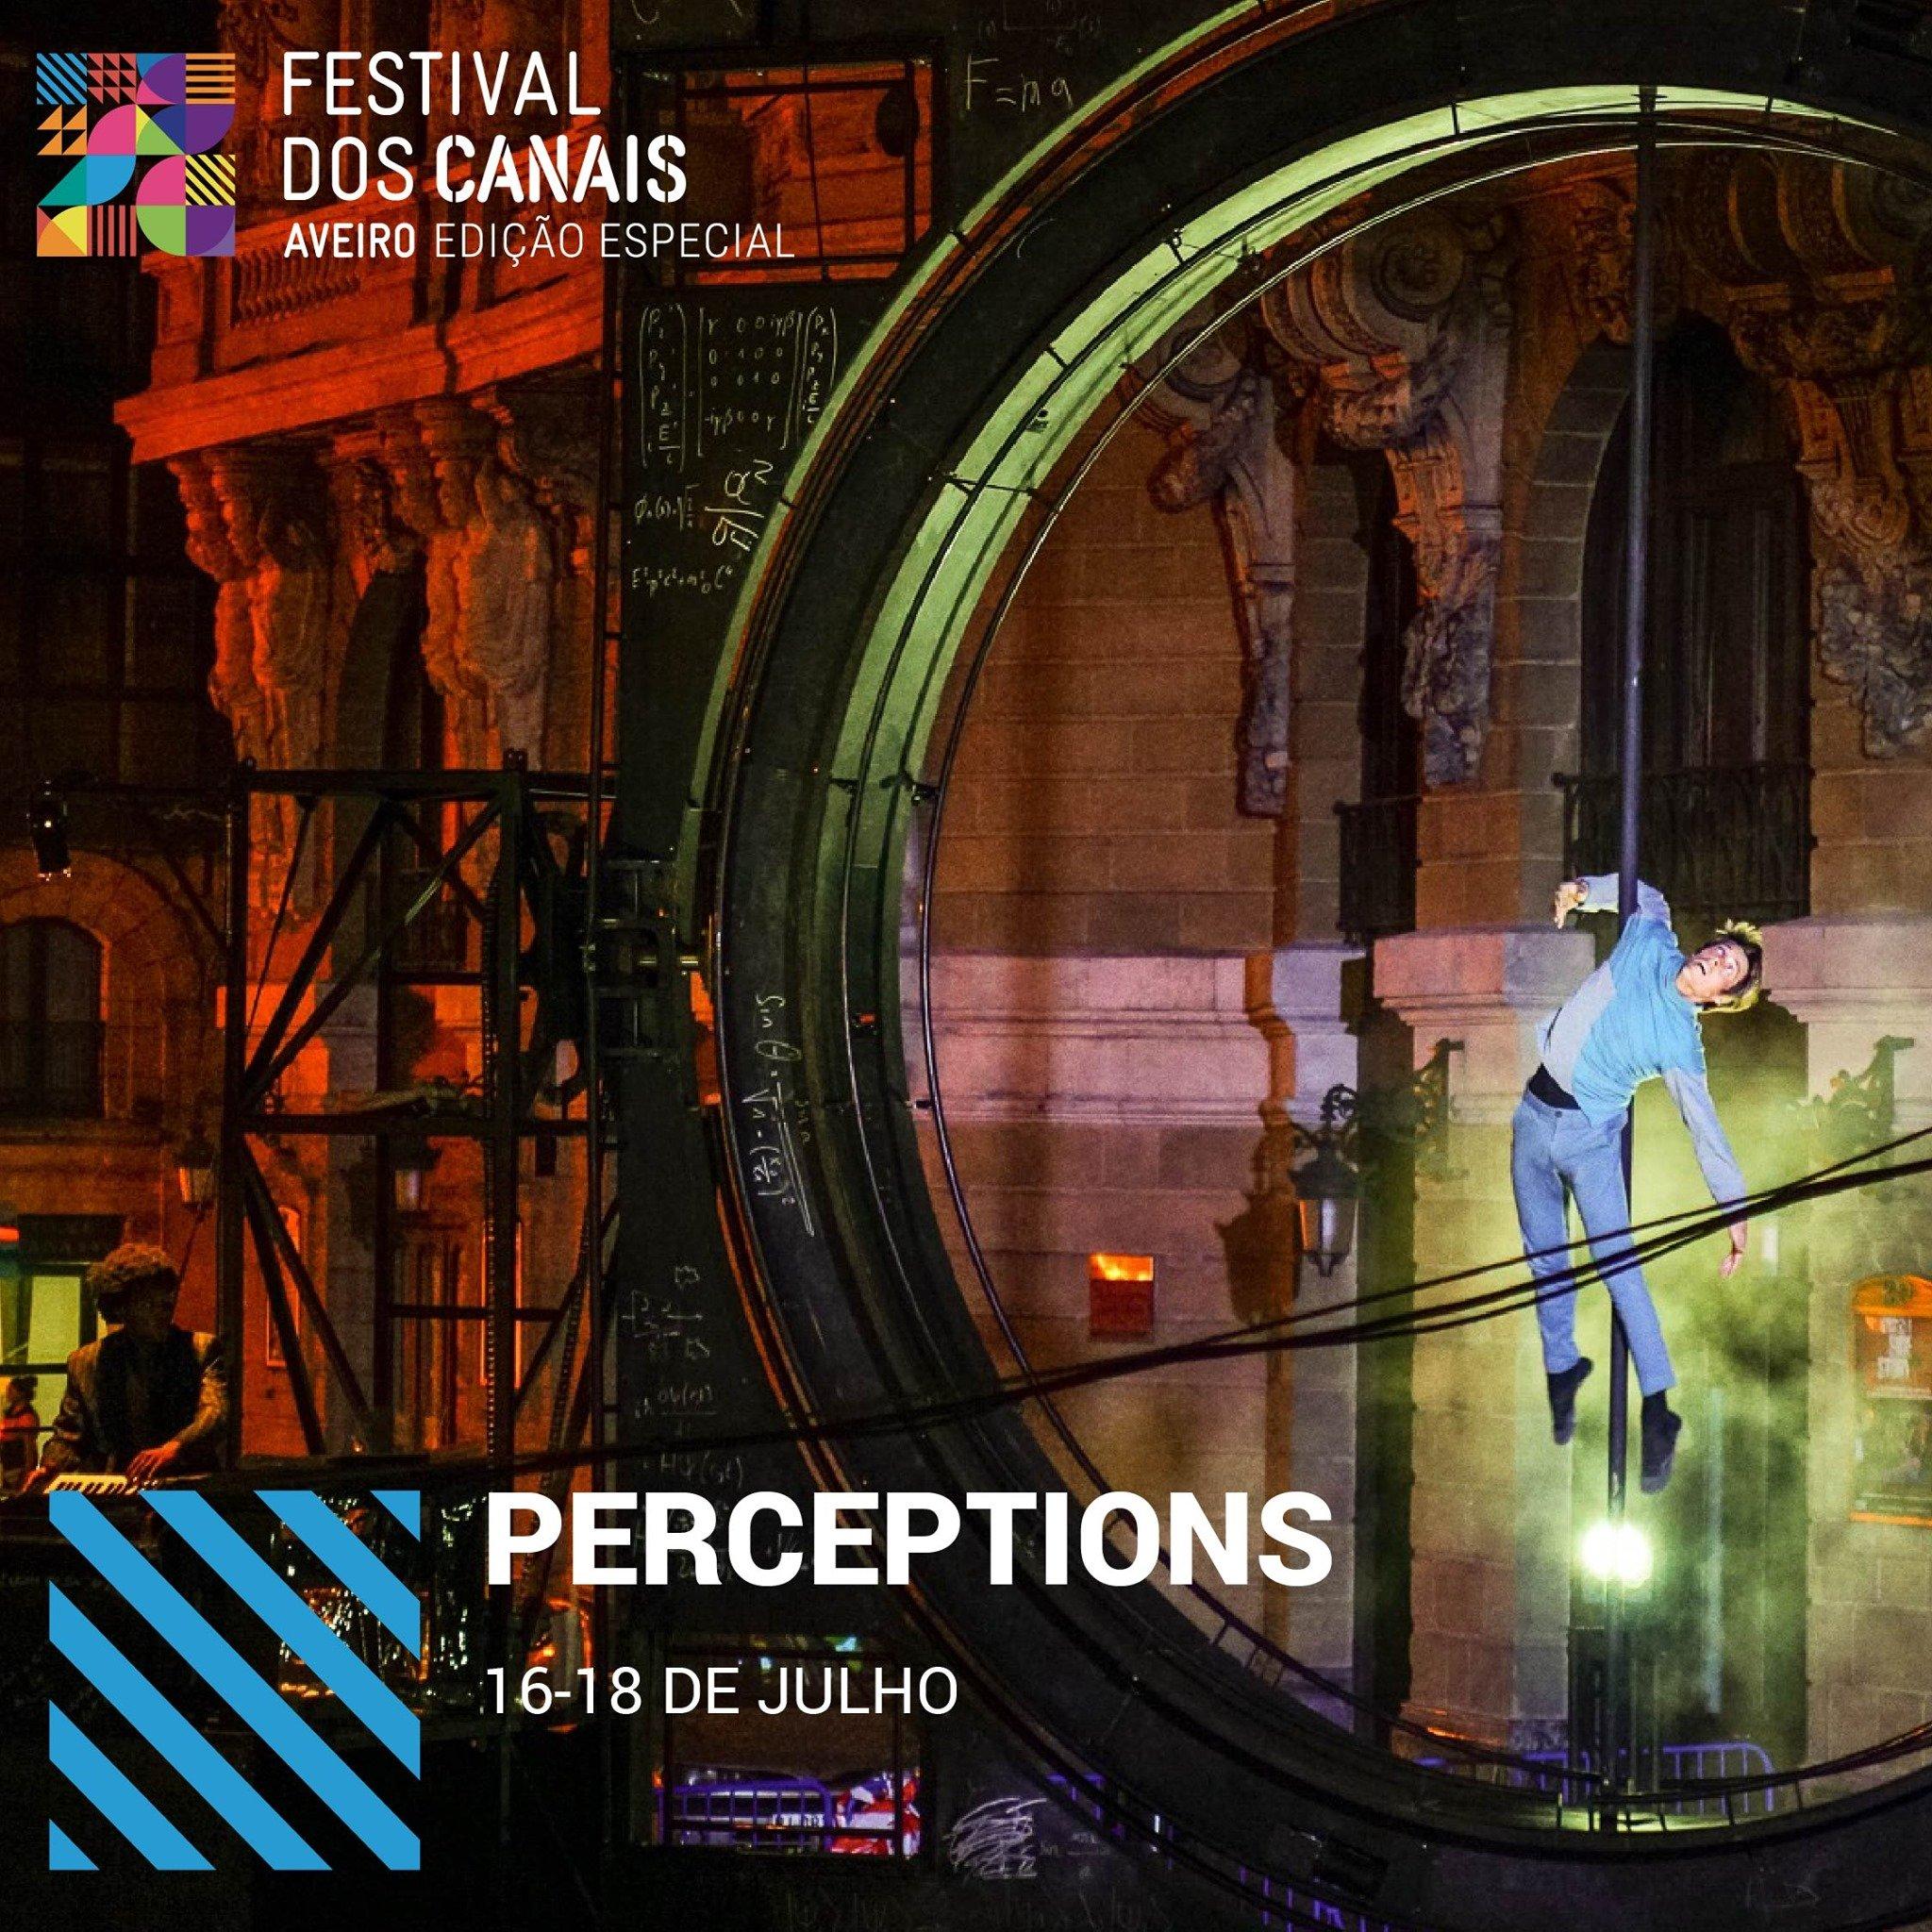 Perceptions Festival dos Canais 2021